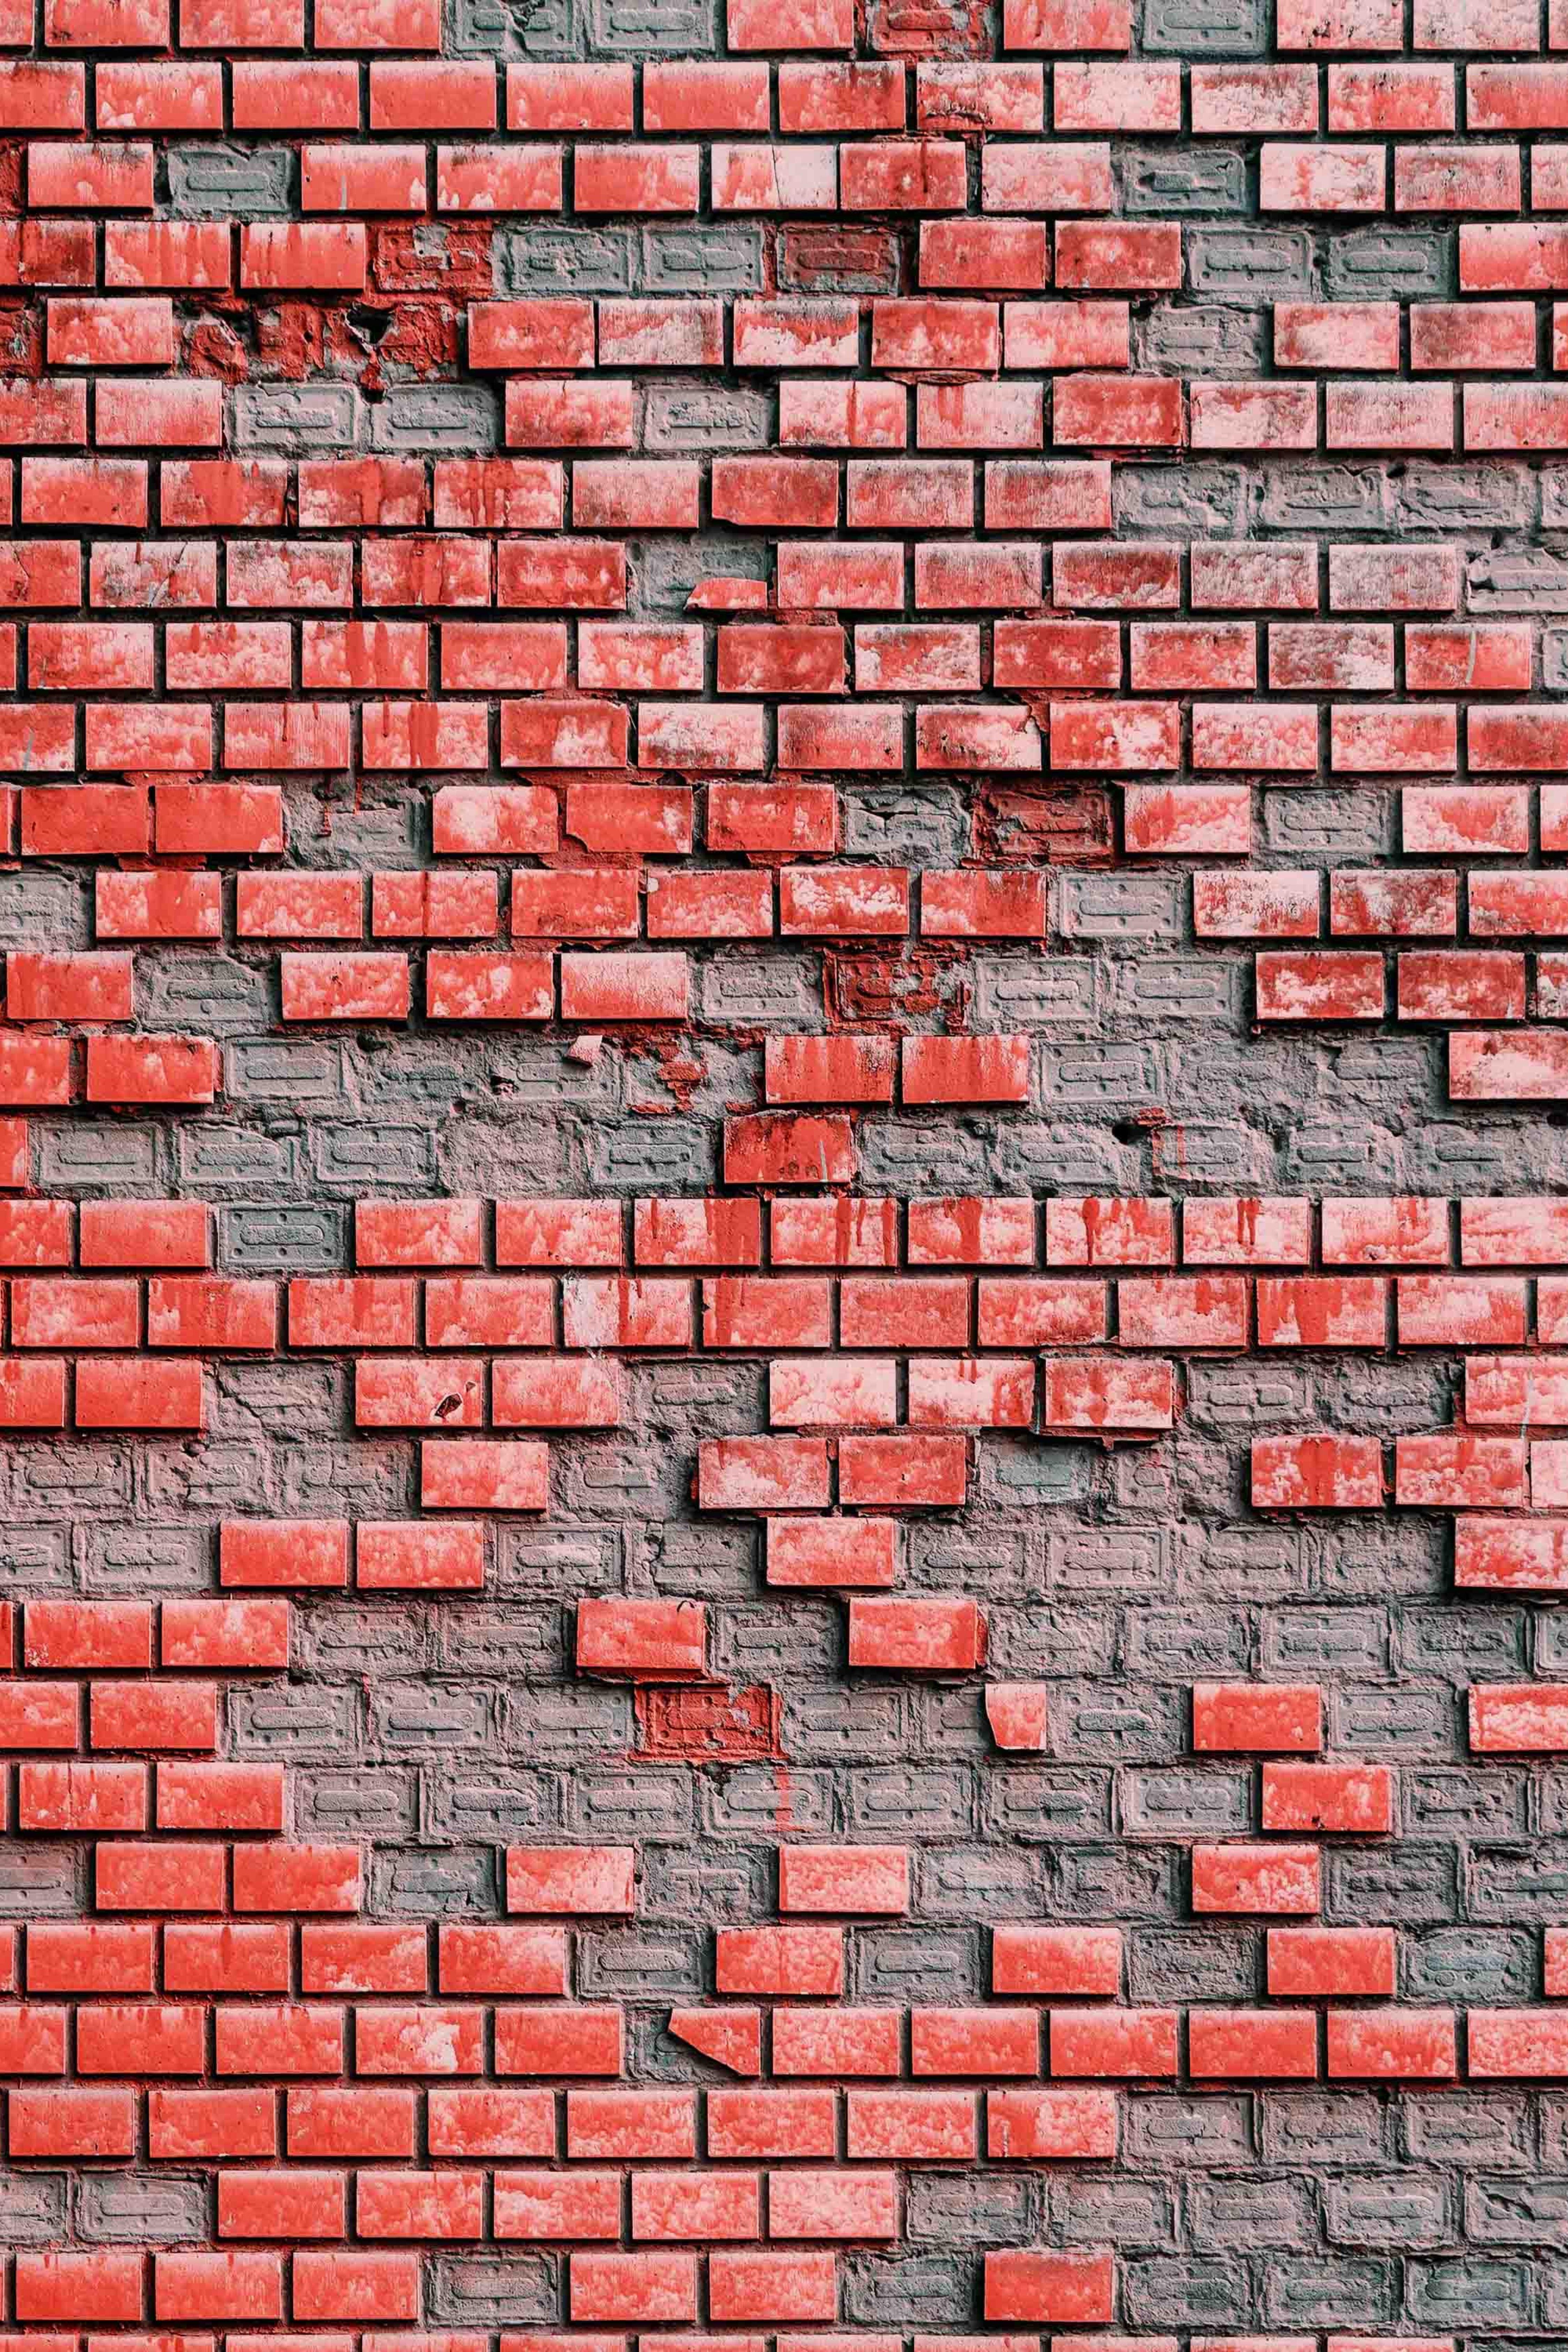 Wall Pattern Bricks Red Texture Photooftheday Beautiful Wonderful Amazing Awesome Hdwallpa Amazing Hd Wallpapers Hd Cool Wallpapers Unique Wallpaper